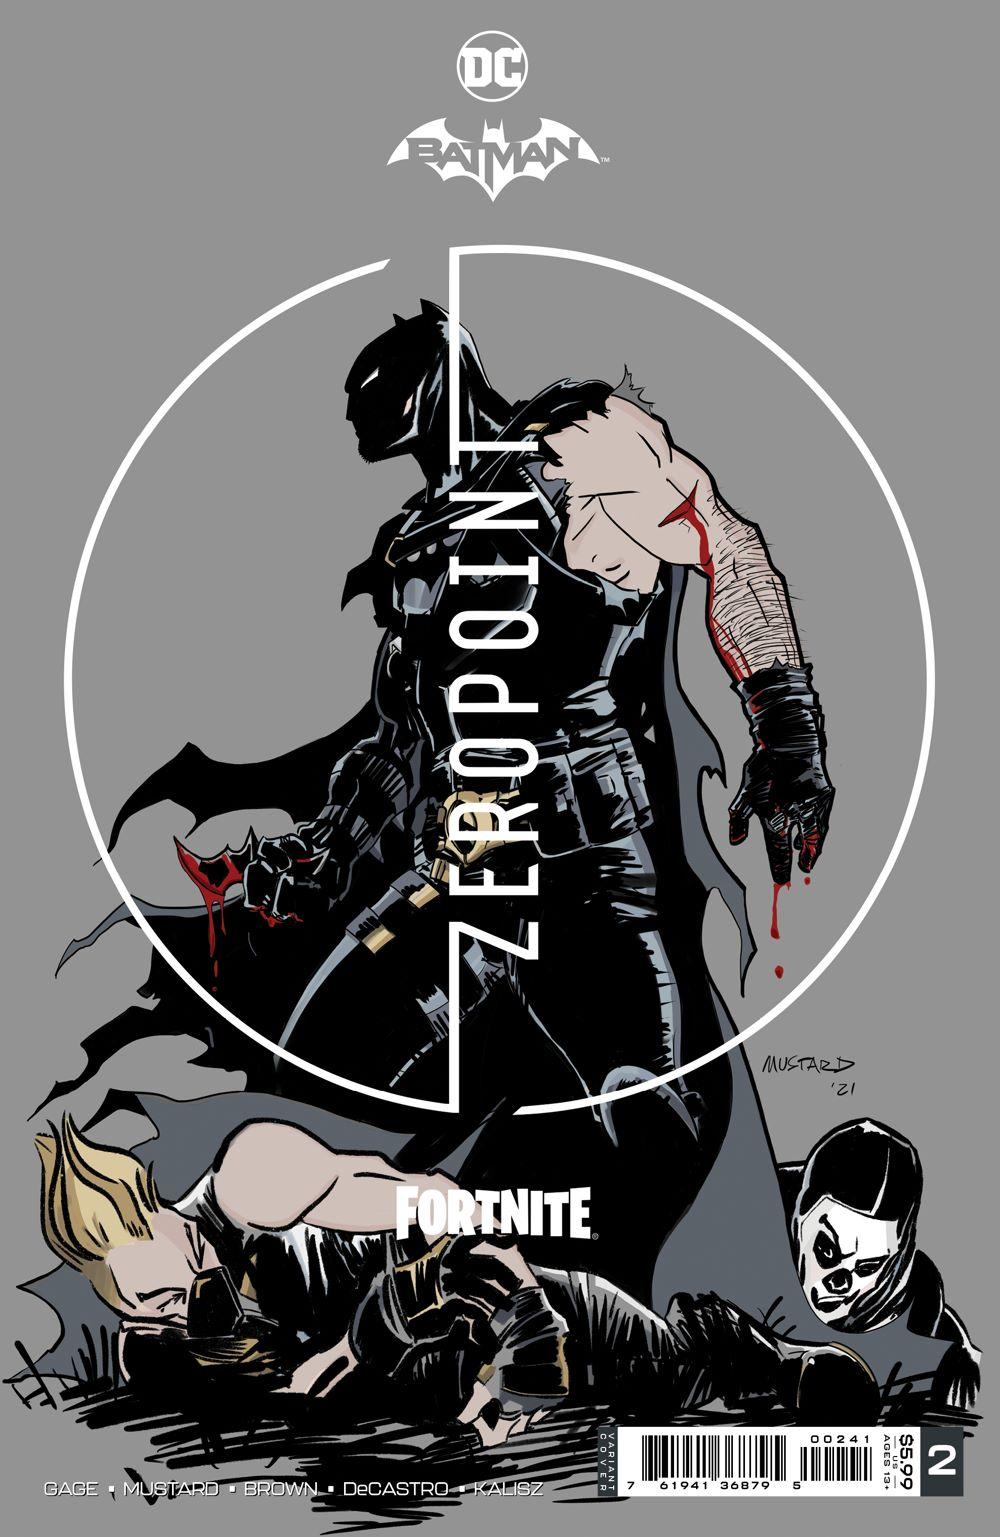 BMFNZP_Cv2_Prem_var DC Comics June 2021 Solicitations